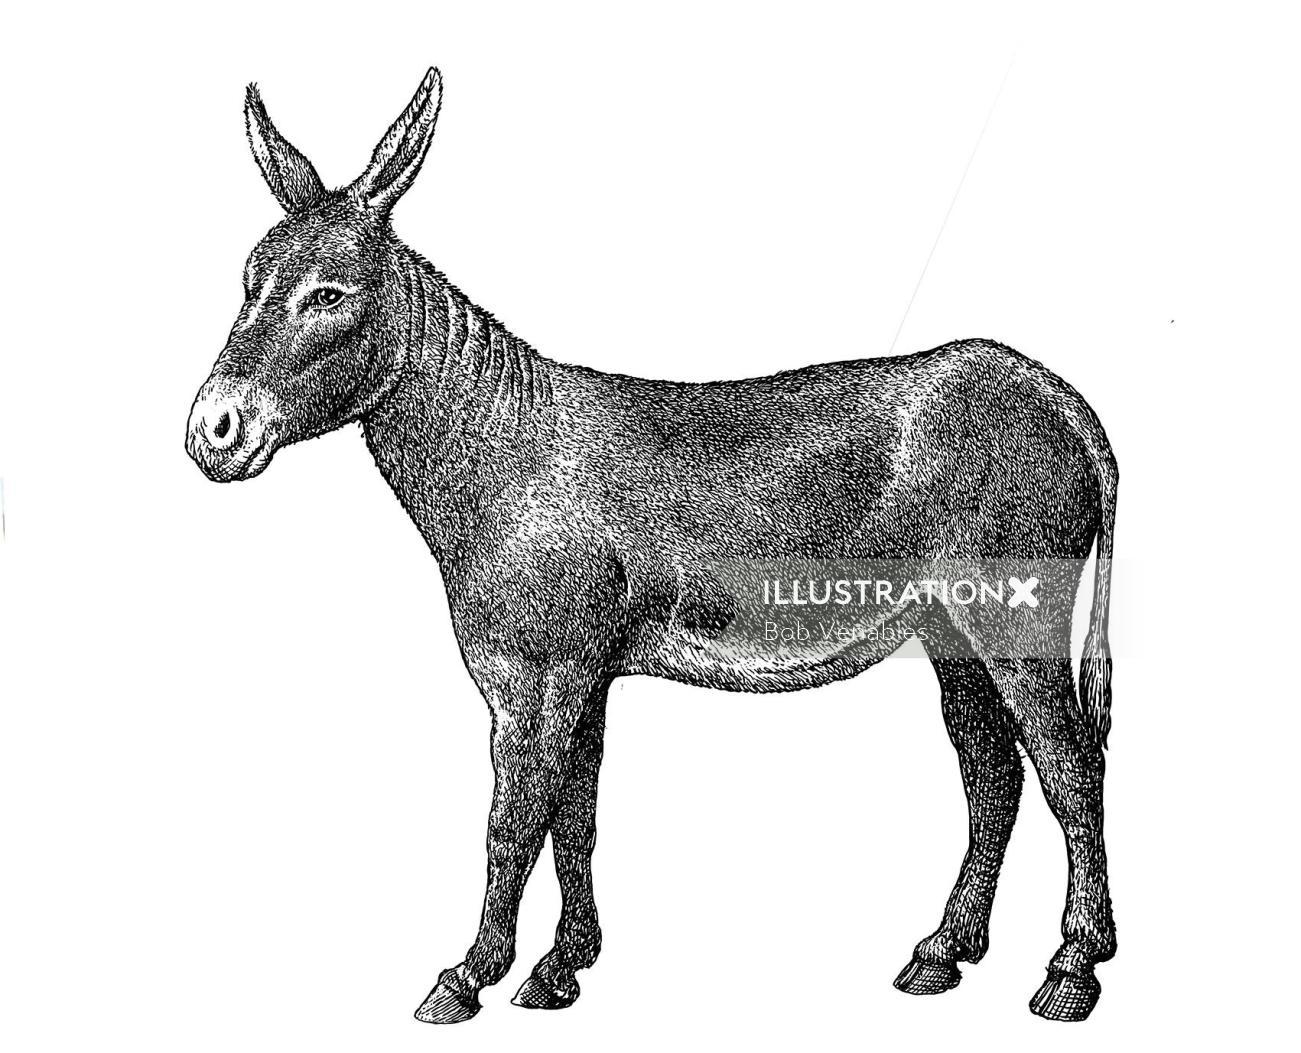 Black and white illustration of donkey